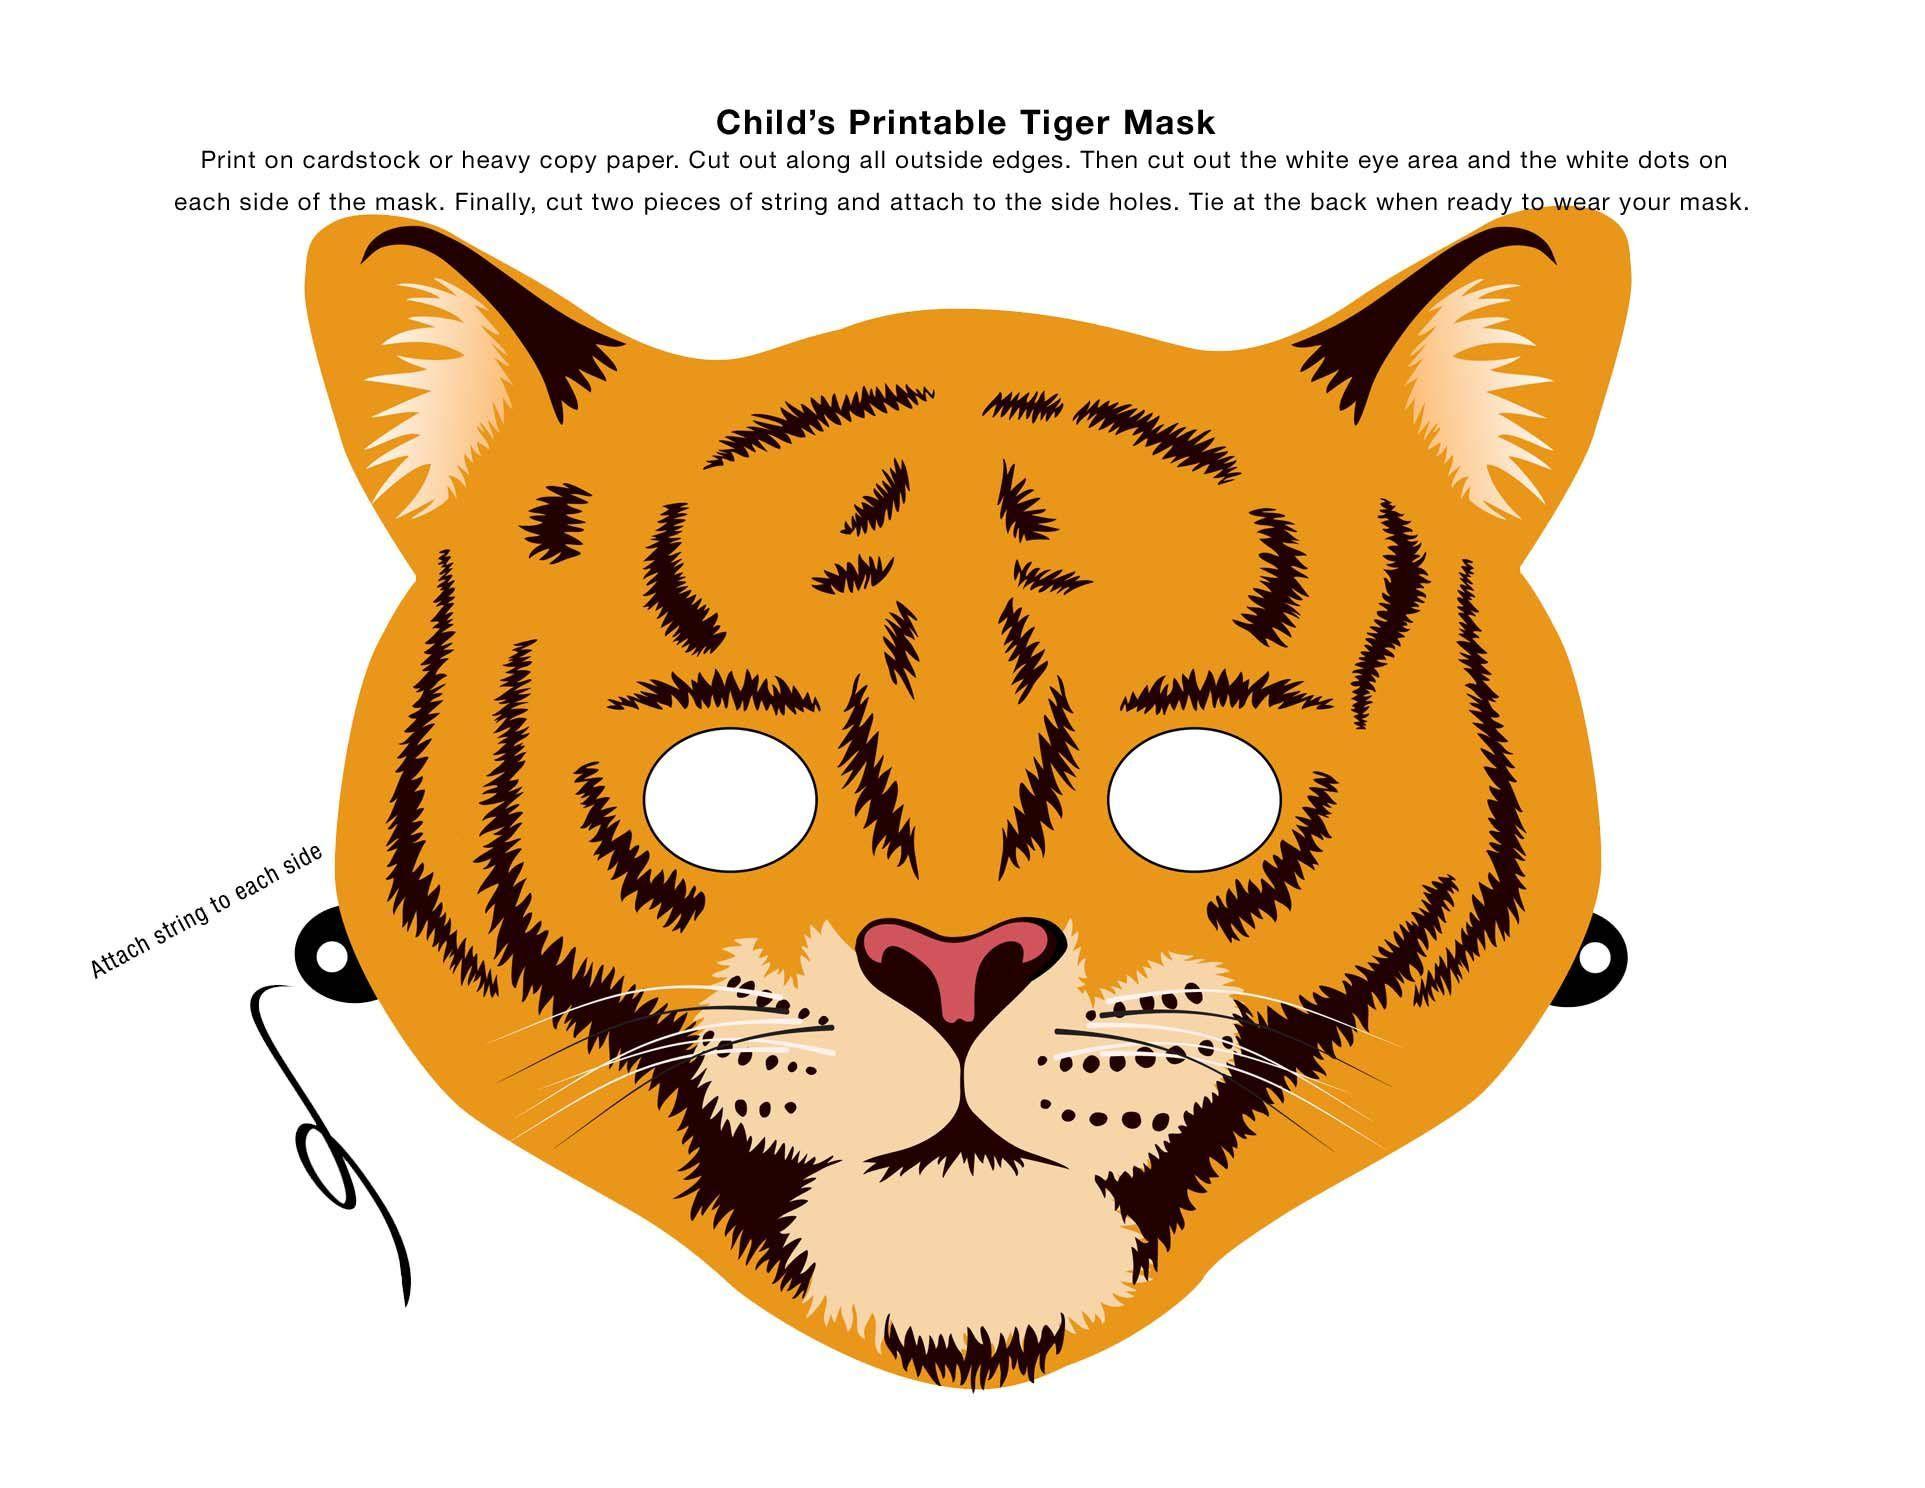 Uncategorized Tiger Mask Template make an animal mask using this clip art tiger masking and free printablesprintable maskstiger